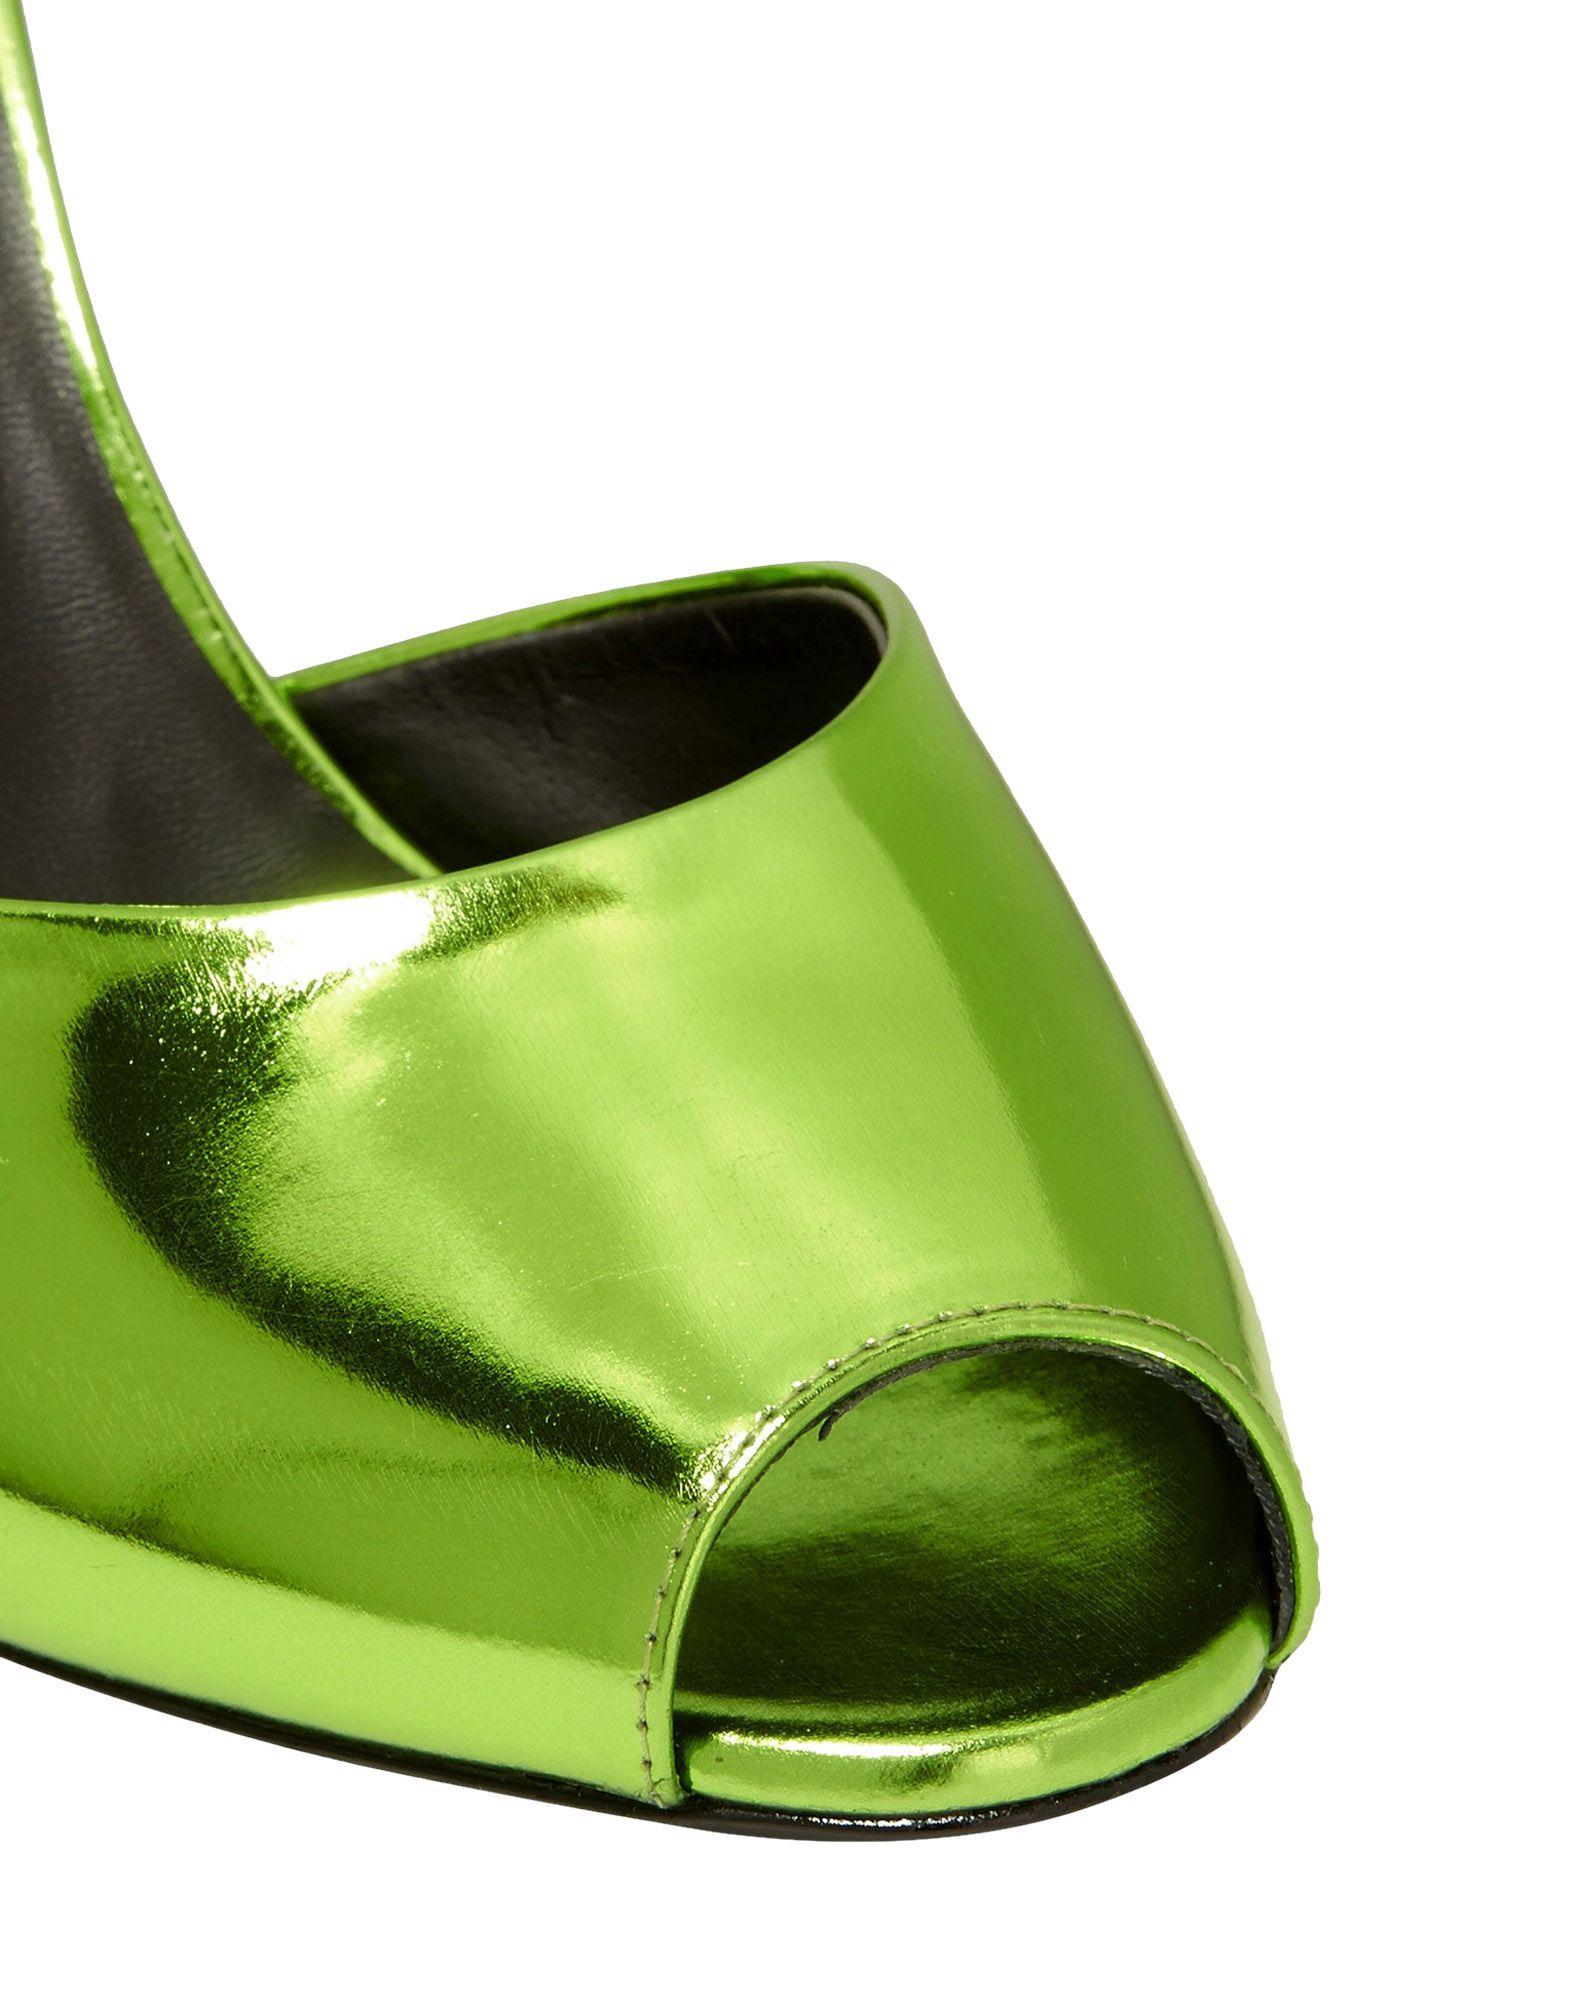 Giuseppe Damen Zanotti Sandalen Damen Giuseppe  44932004OX Beliebte Schuhe d326a9